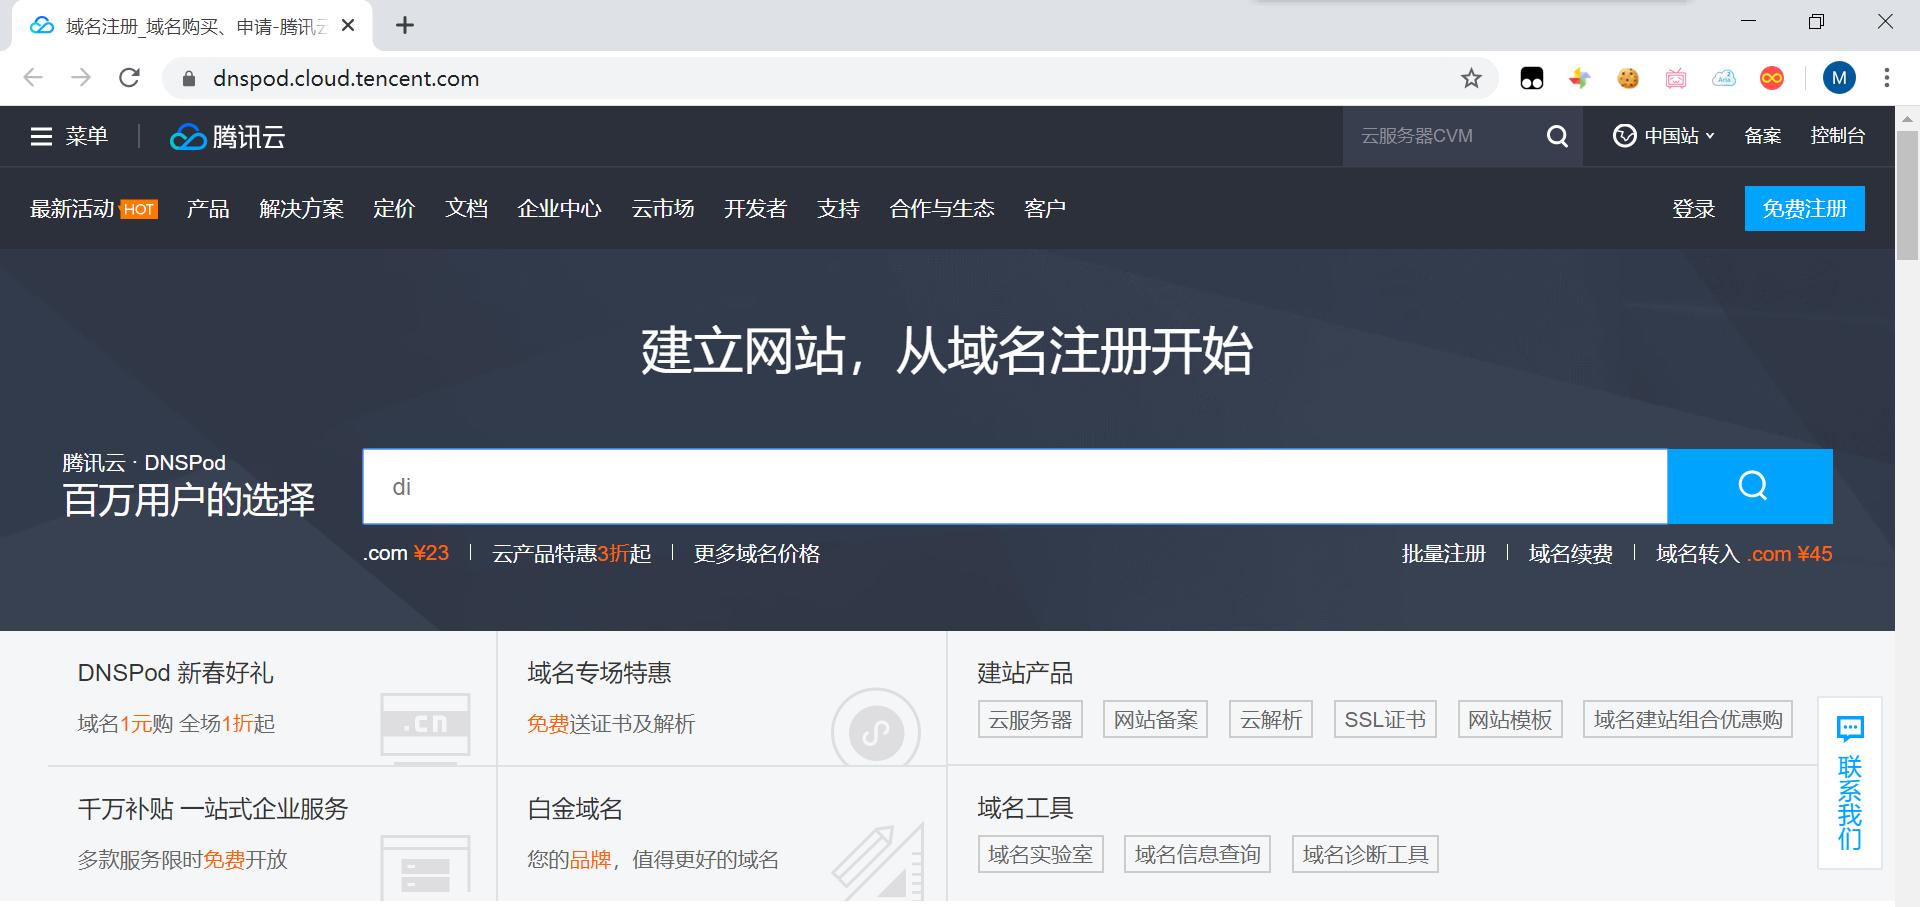 DNSPod中国已被腾讯云收购